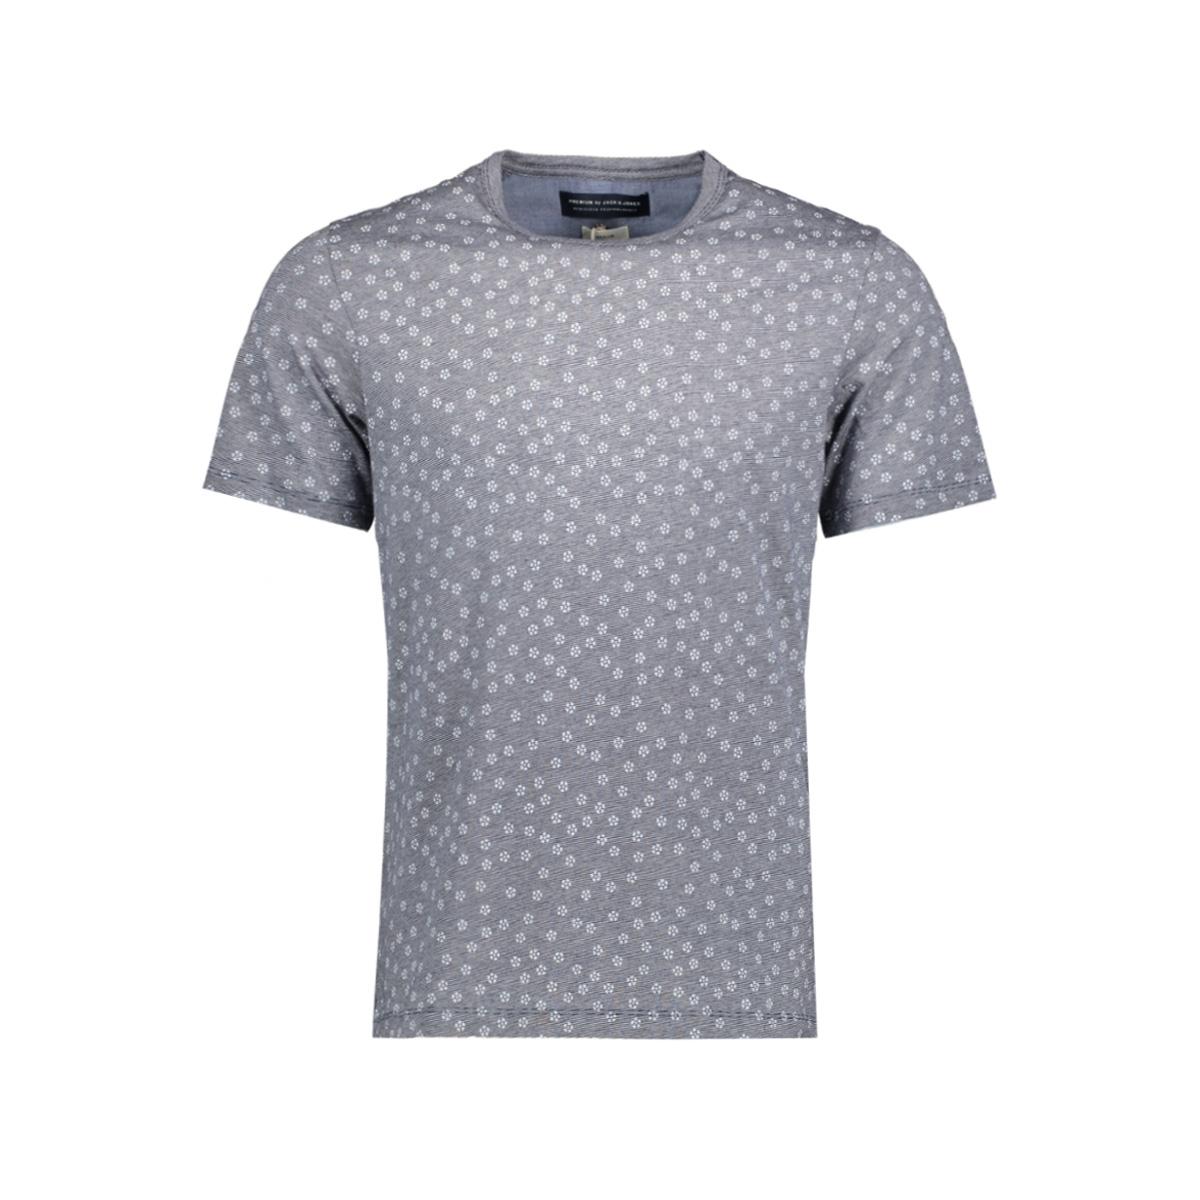 jprcane tee ss crew neck 12125039 jack & jones t-shirt maritime blue